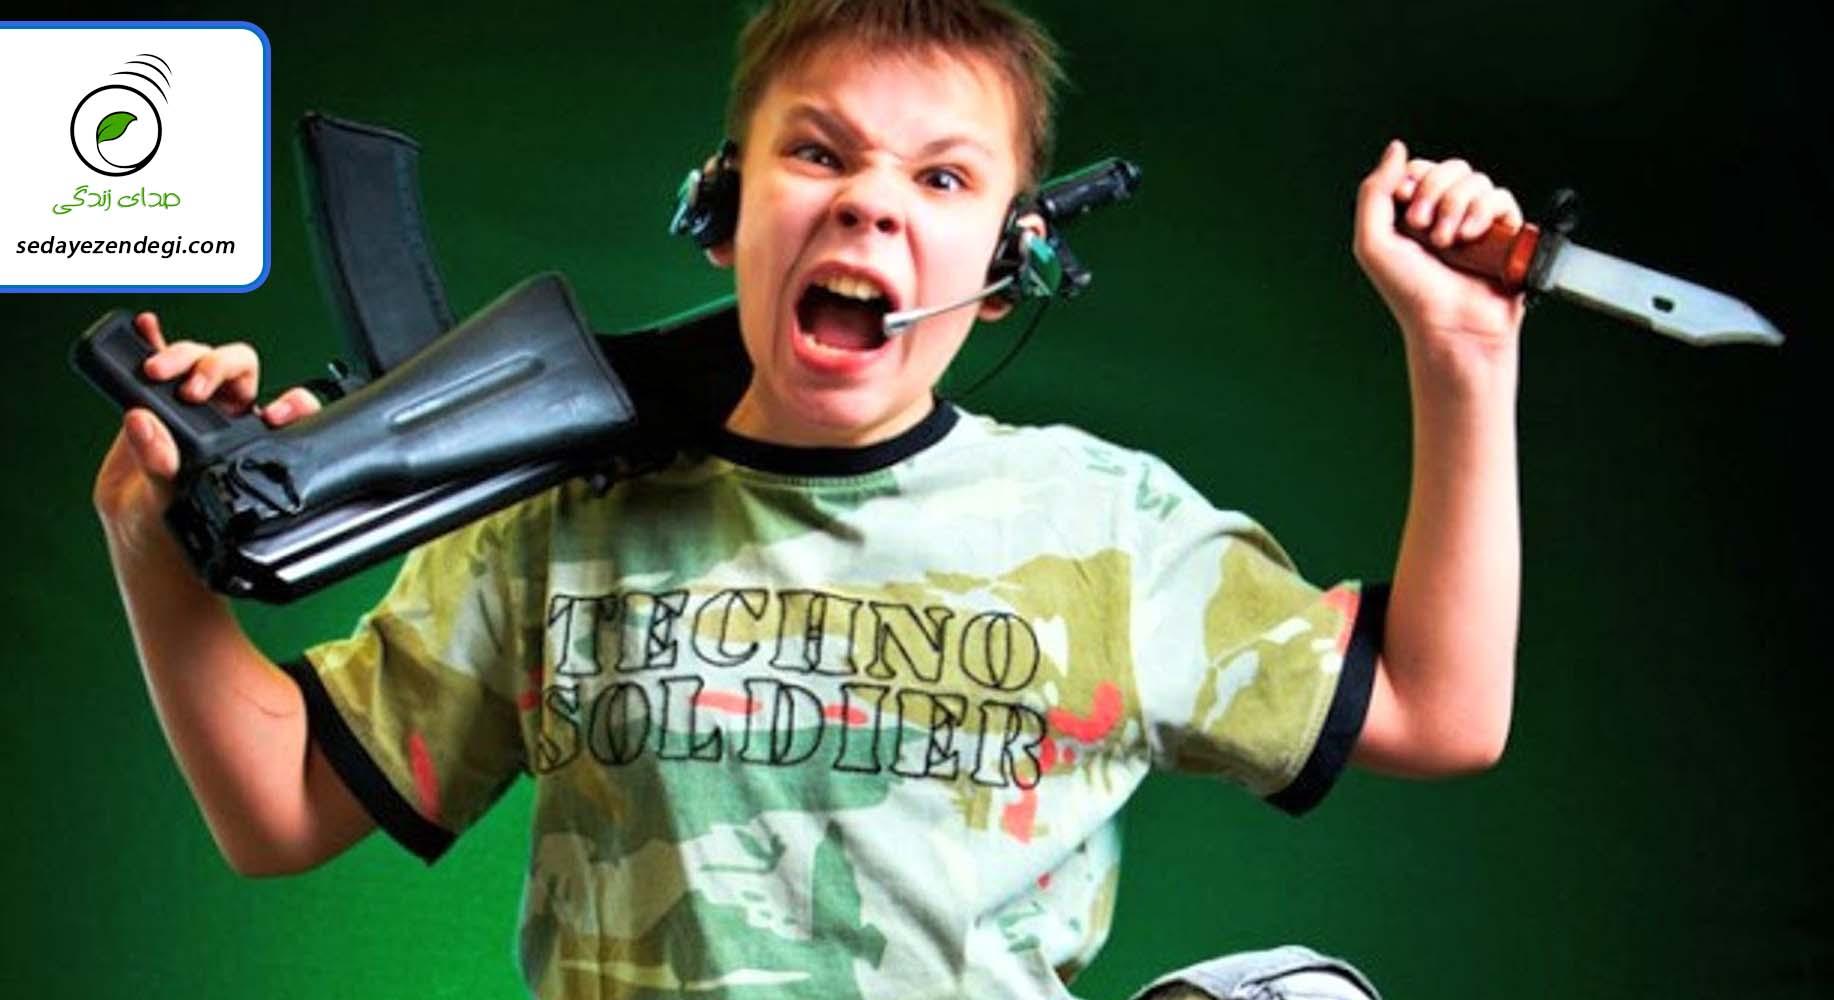 آیا بازیهای رایانهای در خشم و عصبانیت افراد نقش دارند؟